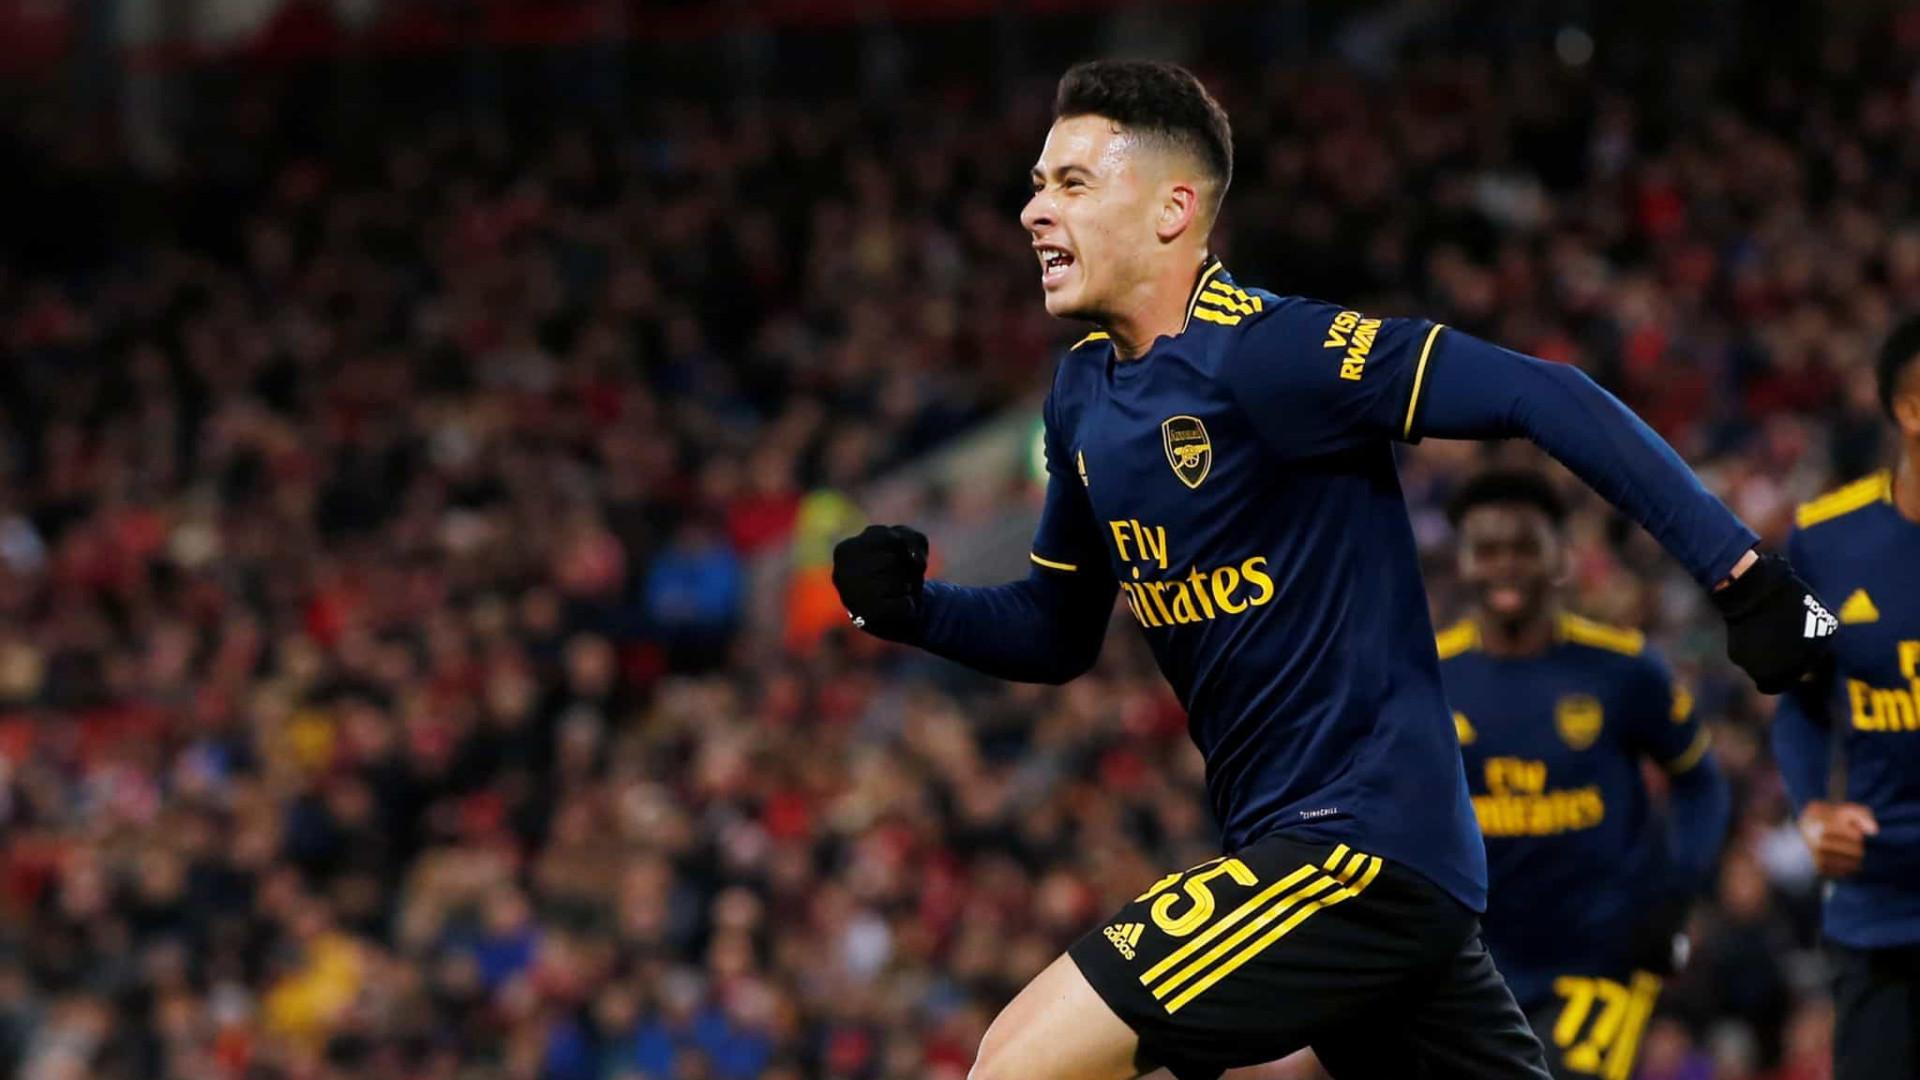 Aos 18, Gabriel Martinelli sai do Ituano e vira sensação no Arsenal